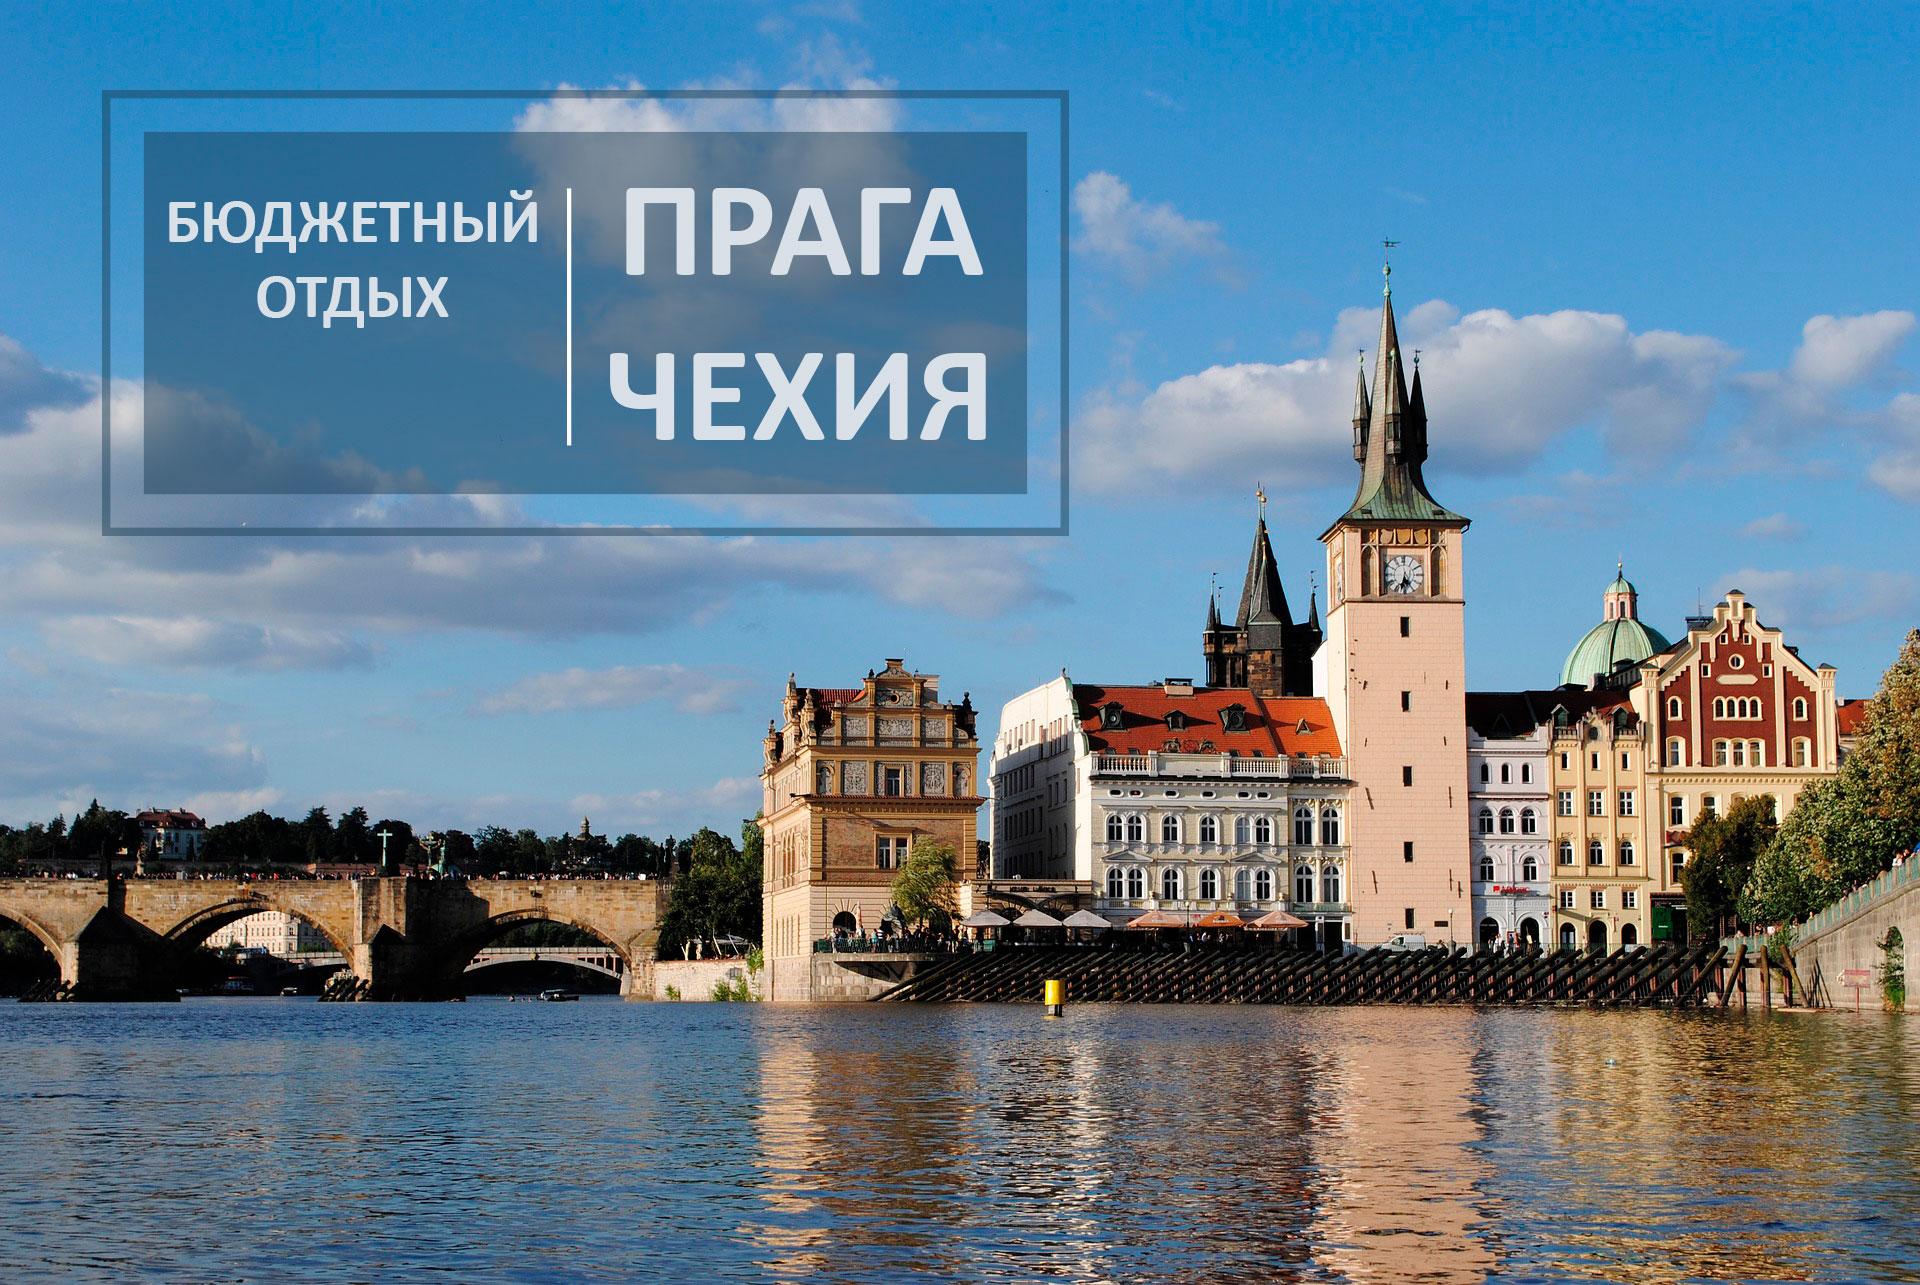 Бюджетный отдых в Праге, Чехия – что посмотреть туристу